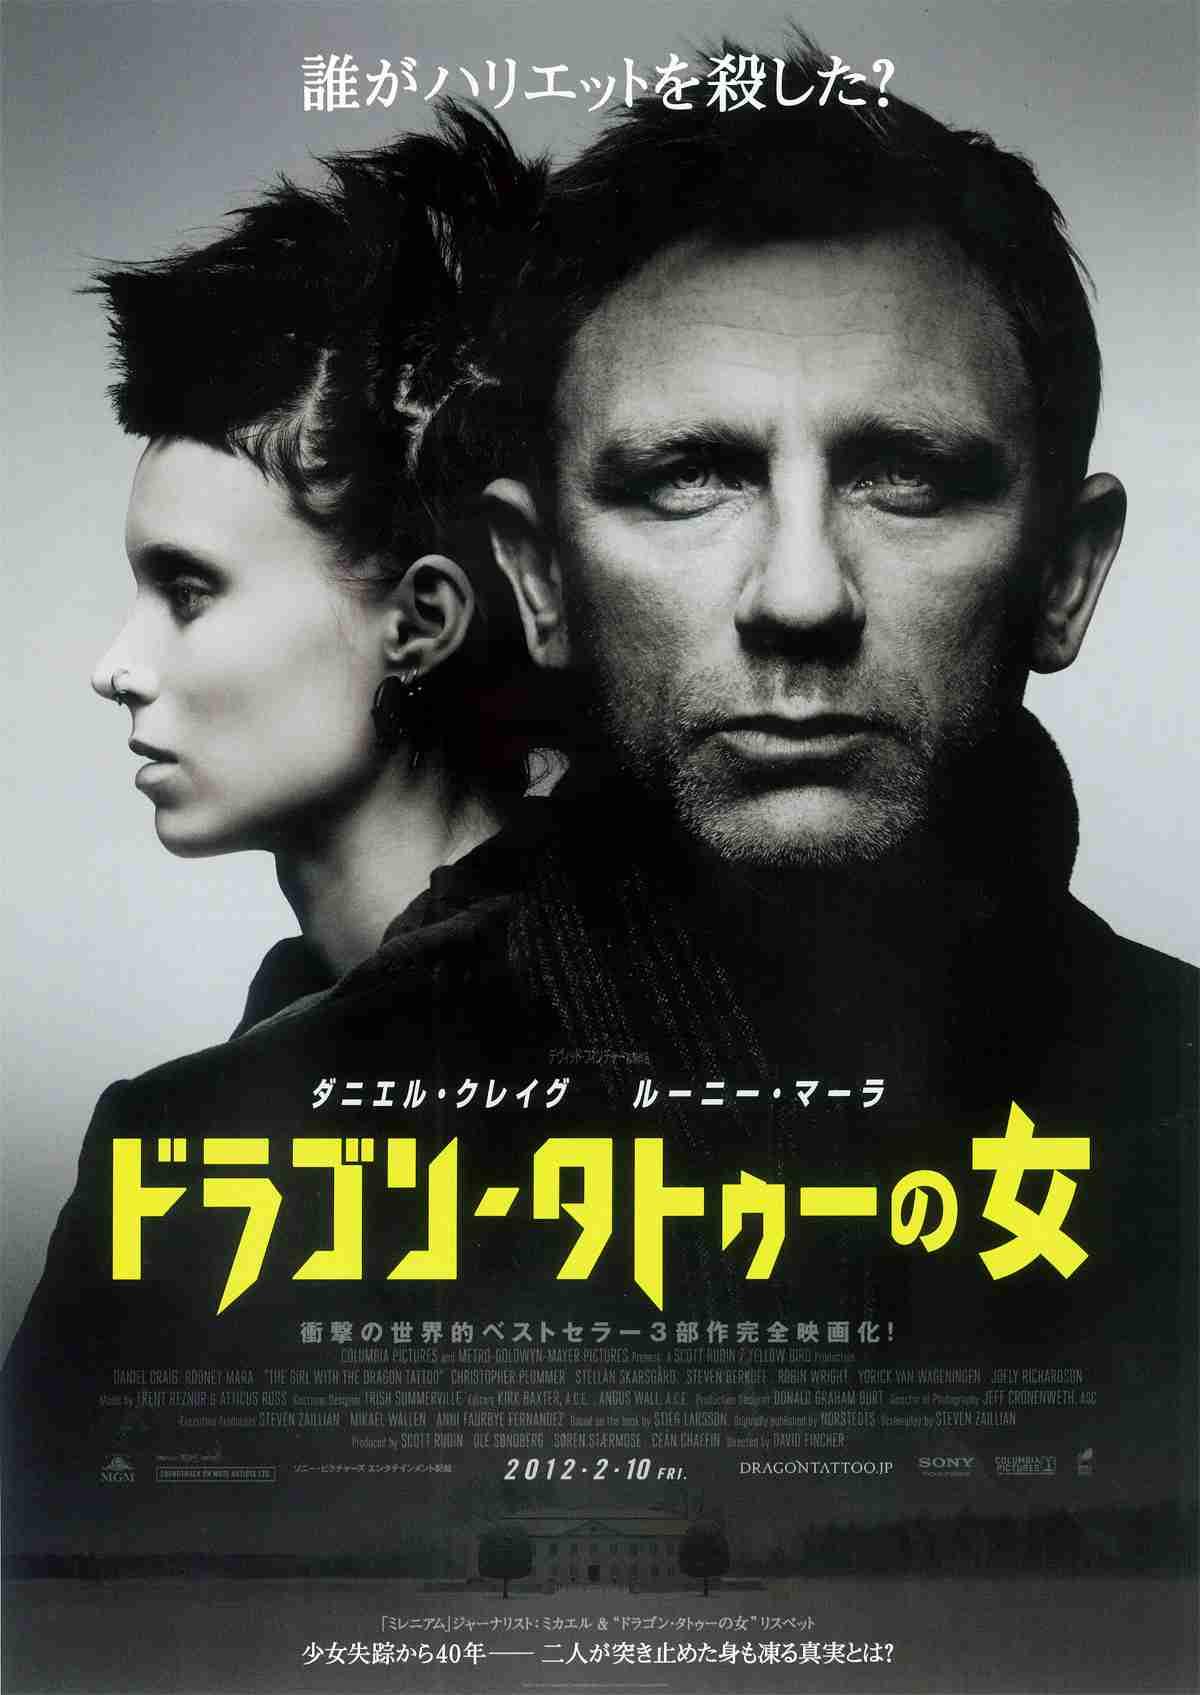 ドラゴン・タトゥーの女 - 作品 - Yahoo!映画